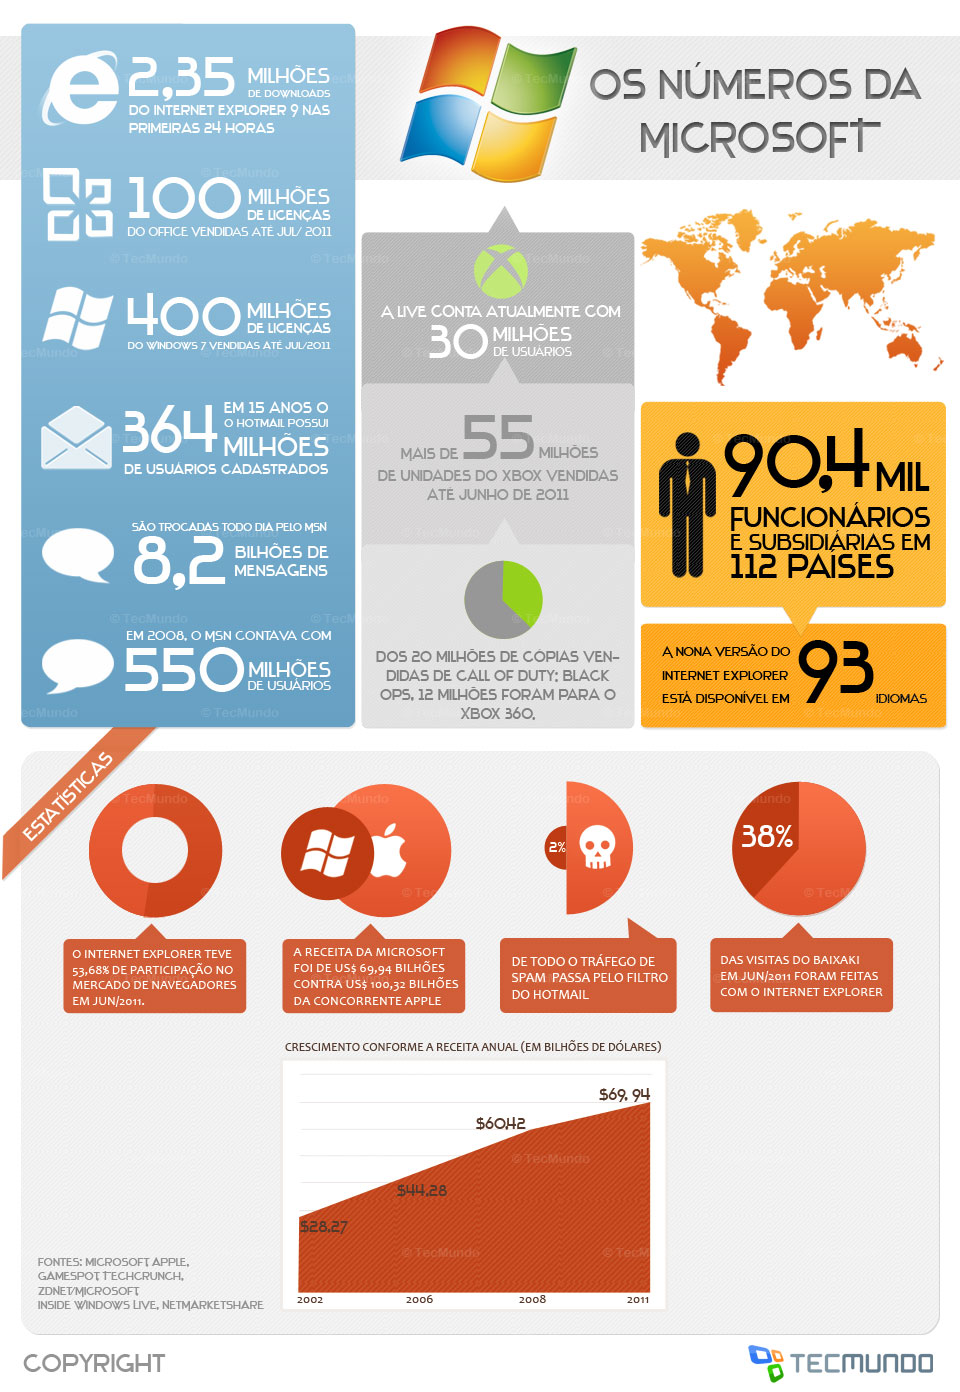 Microsoft: gigante também em números [infográfico]